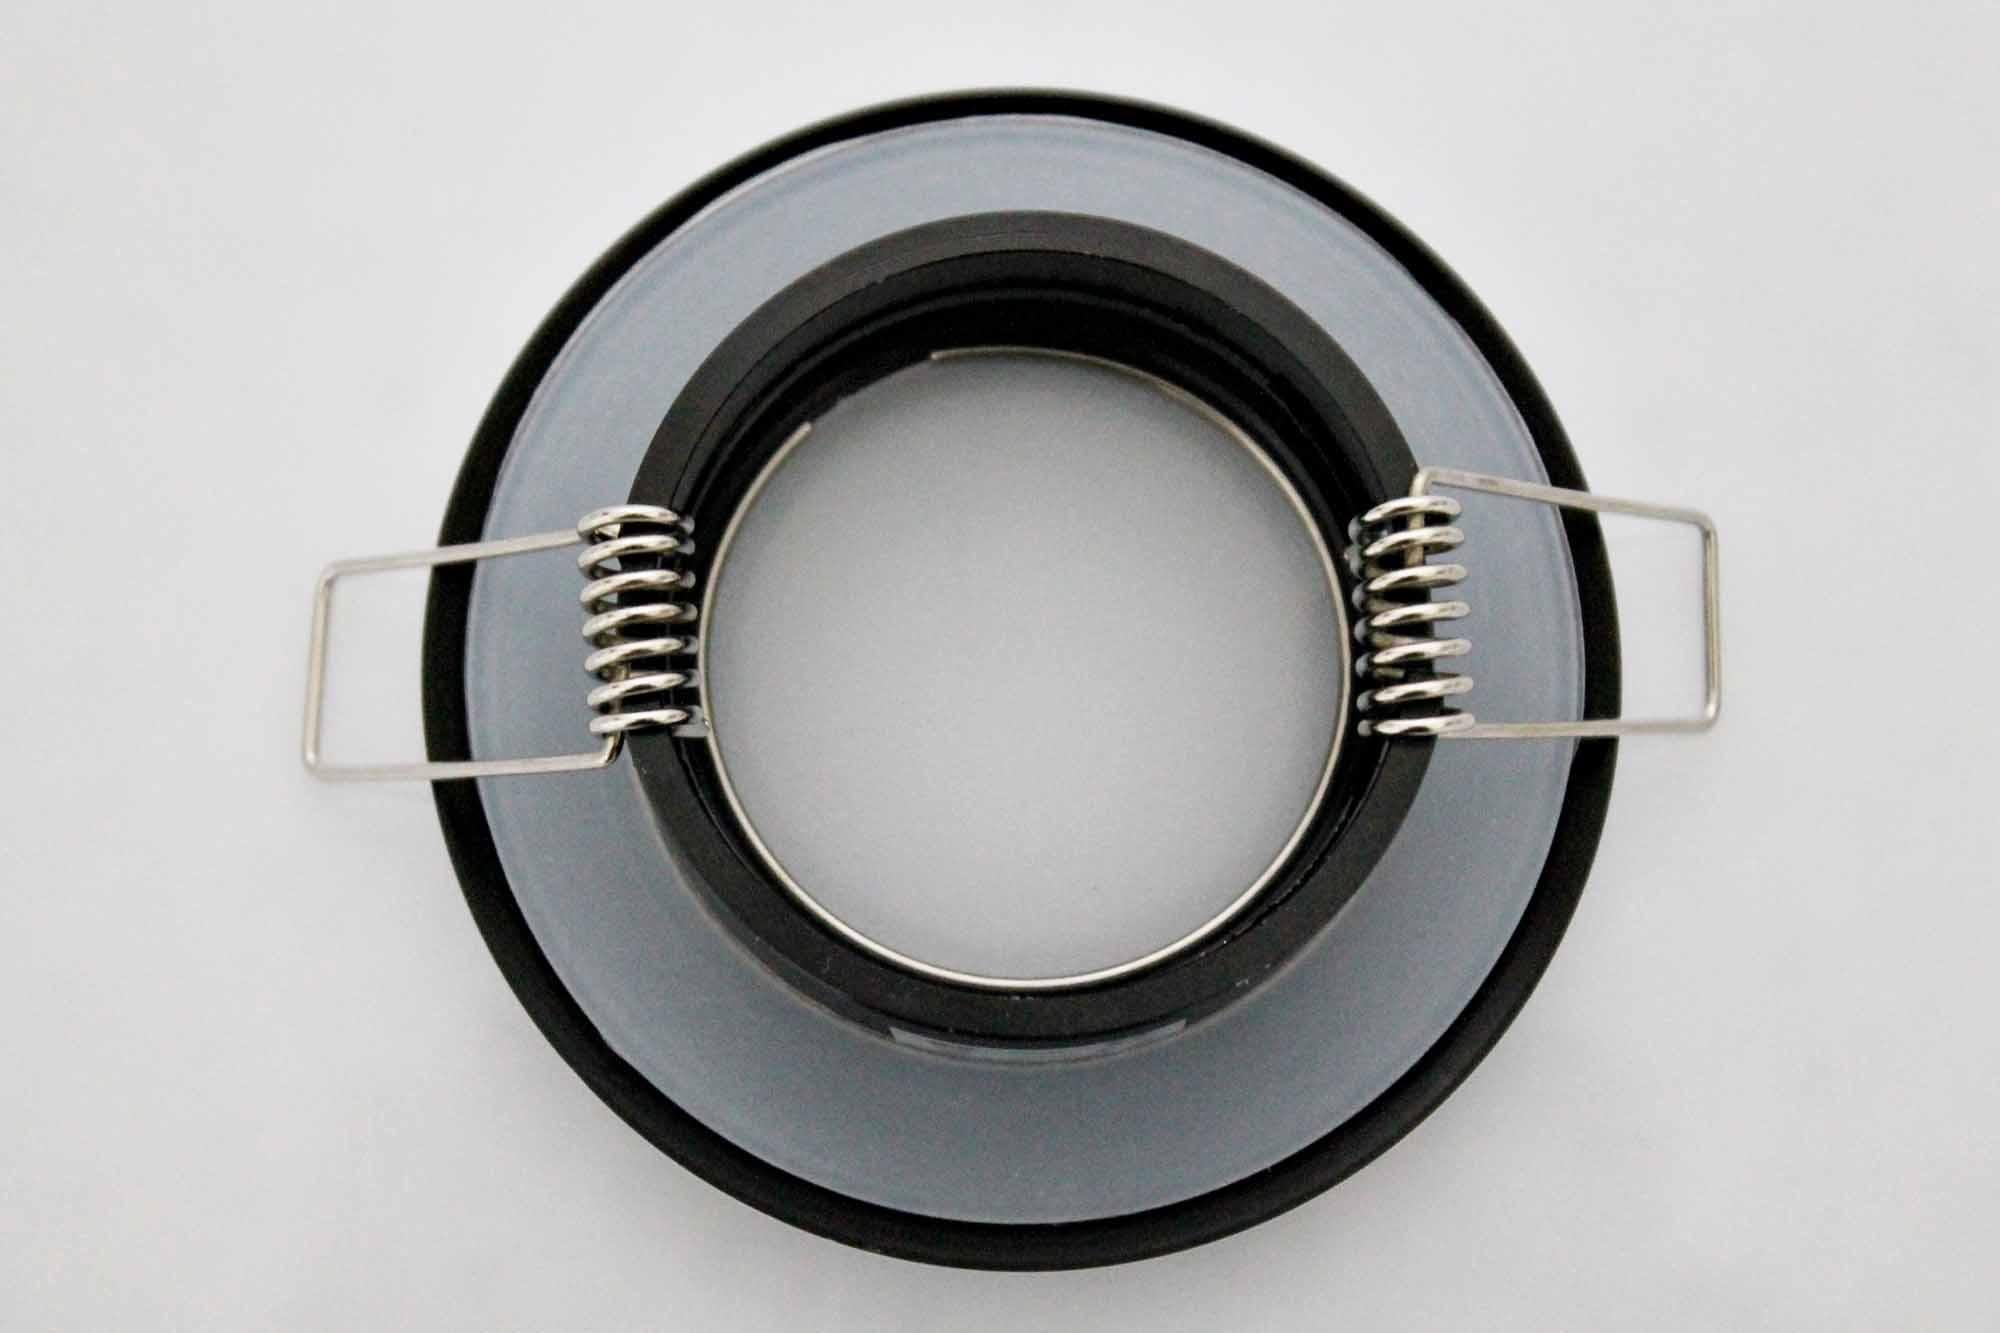 led ip44 feuchtraum einbaustrahler rund schwarz geriffelt klar einbauspots deckeneinbaustrahler. Black Bedroom Furniture Sets. Home Design Ideas